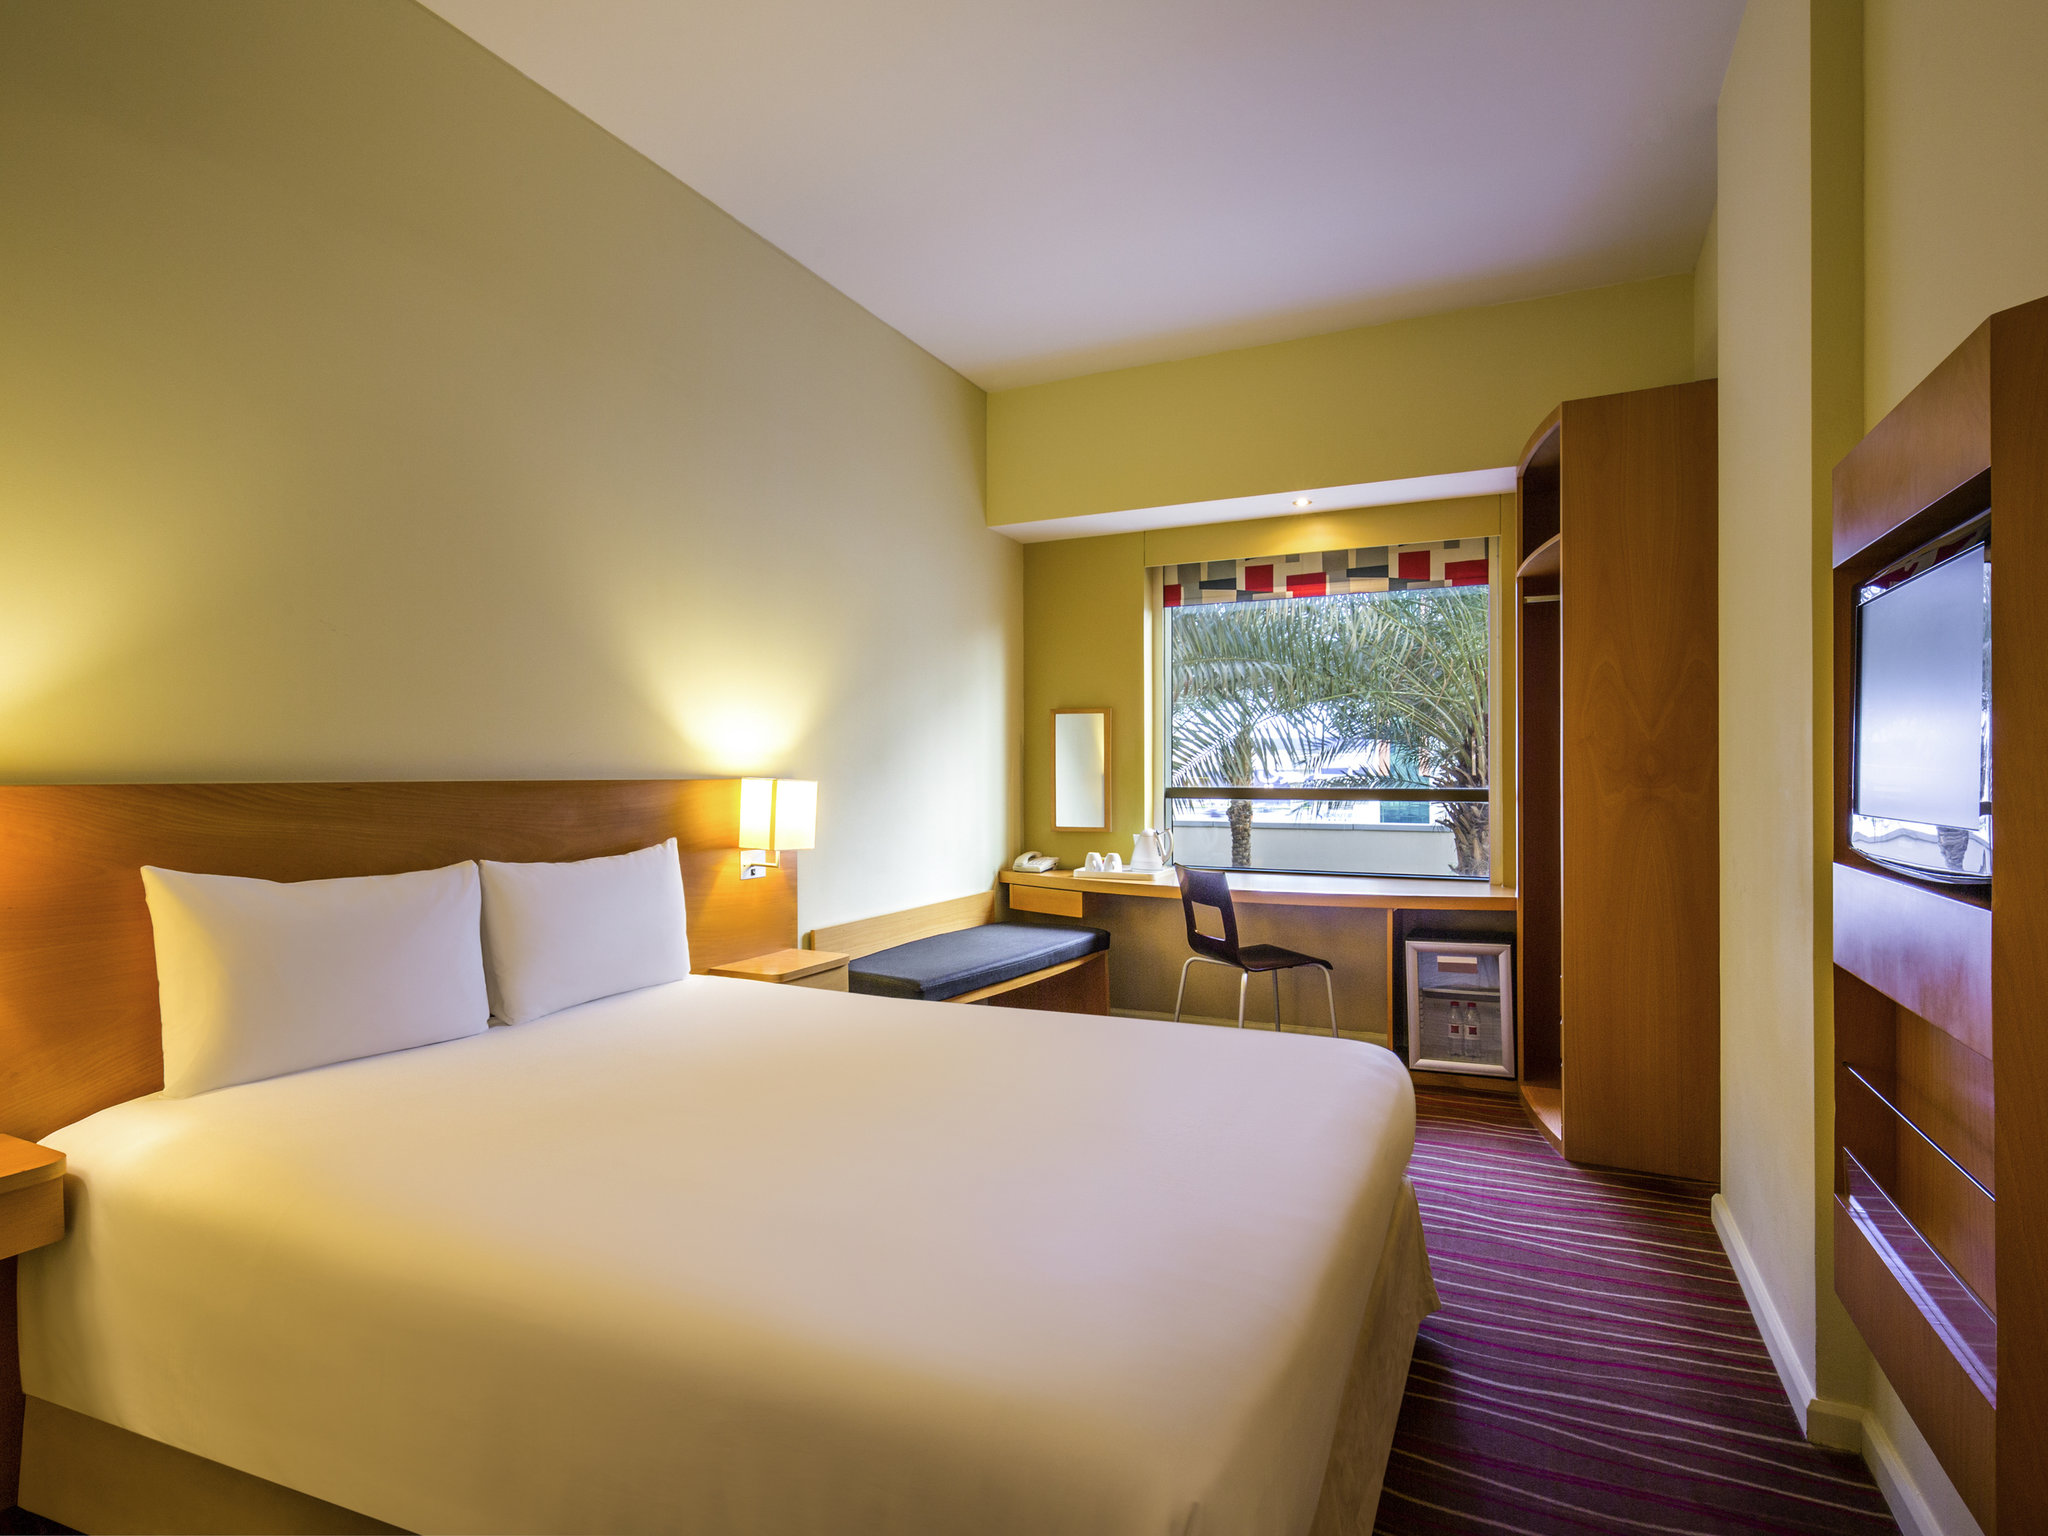 酒店 – 宜必思迪拜阿联酋购物中心酒店